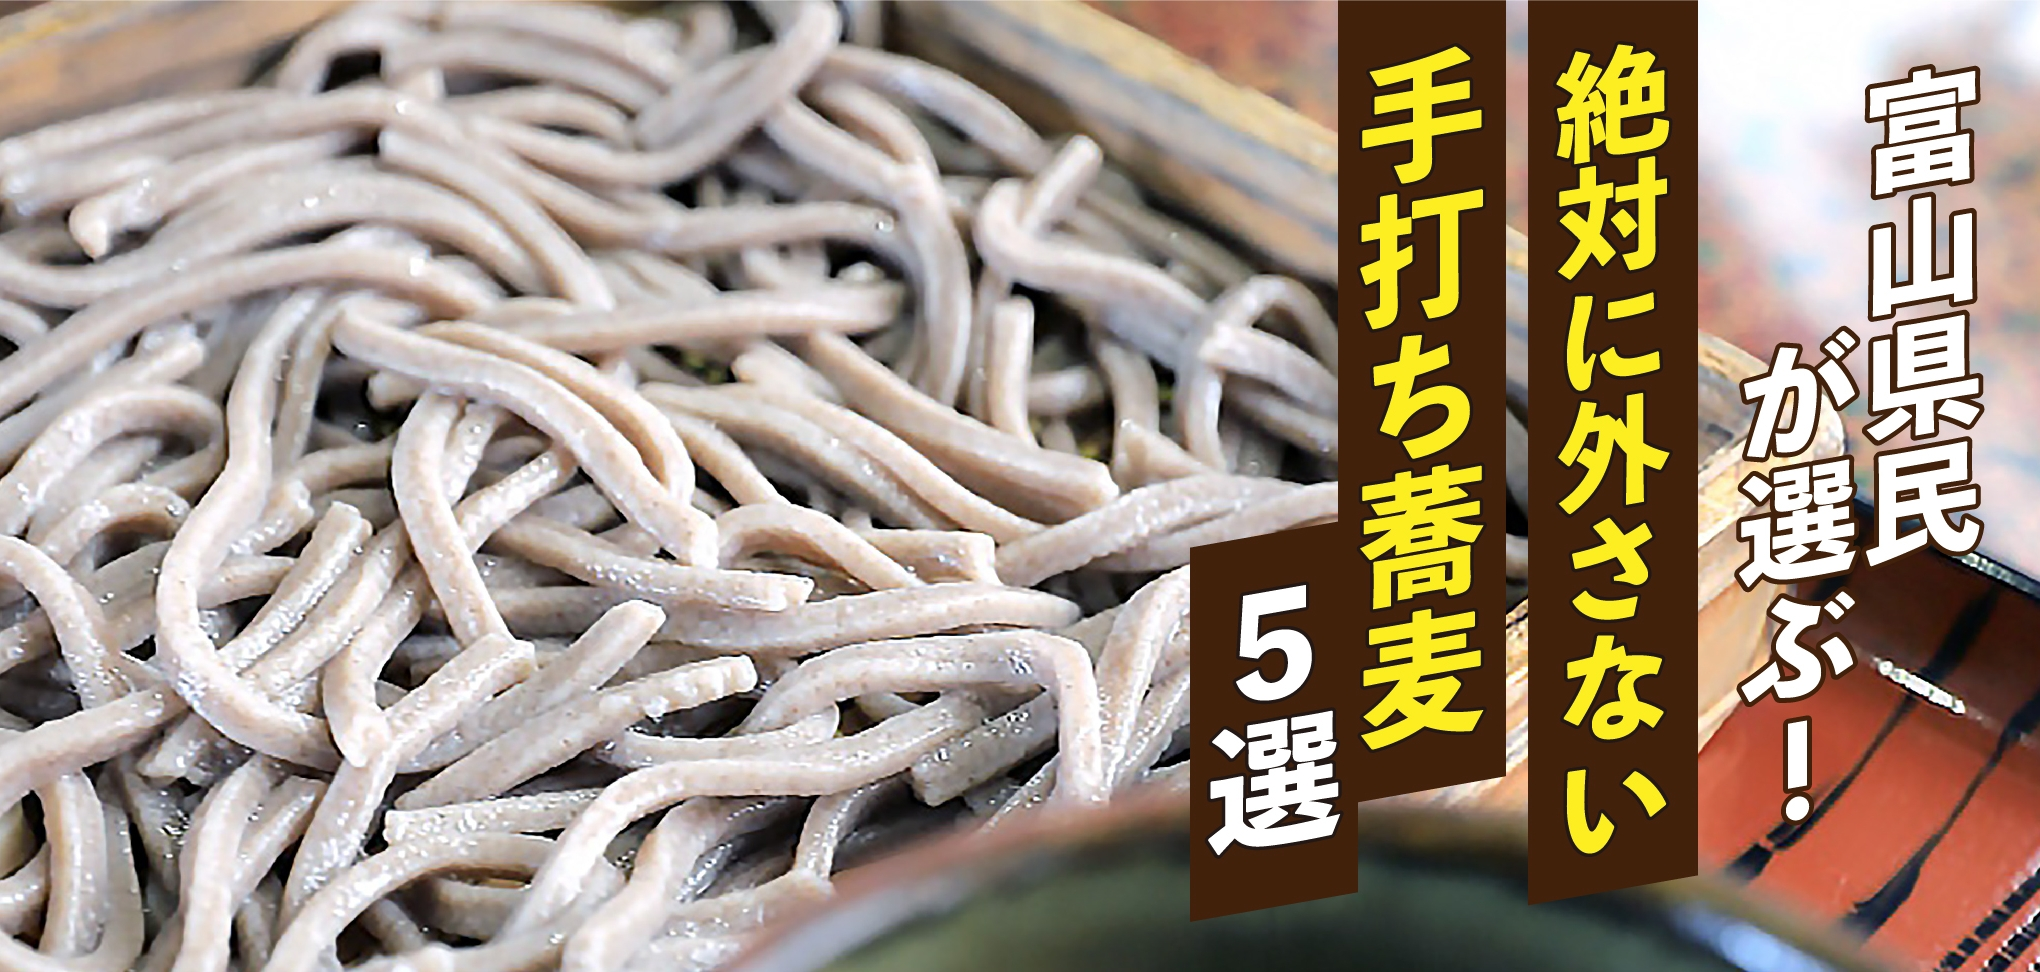 富山県民が選ぶ!!絶対に外さない手打ち蕎麦5選